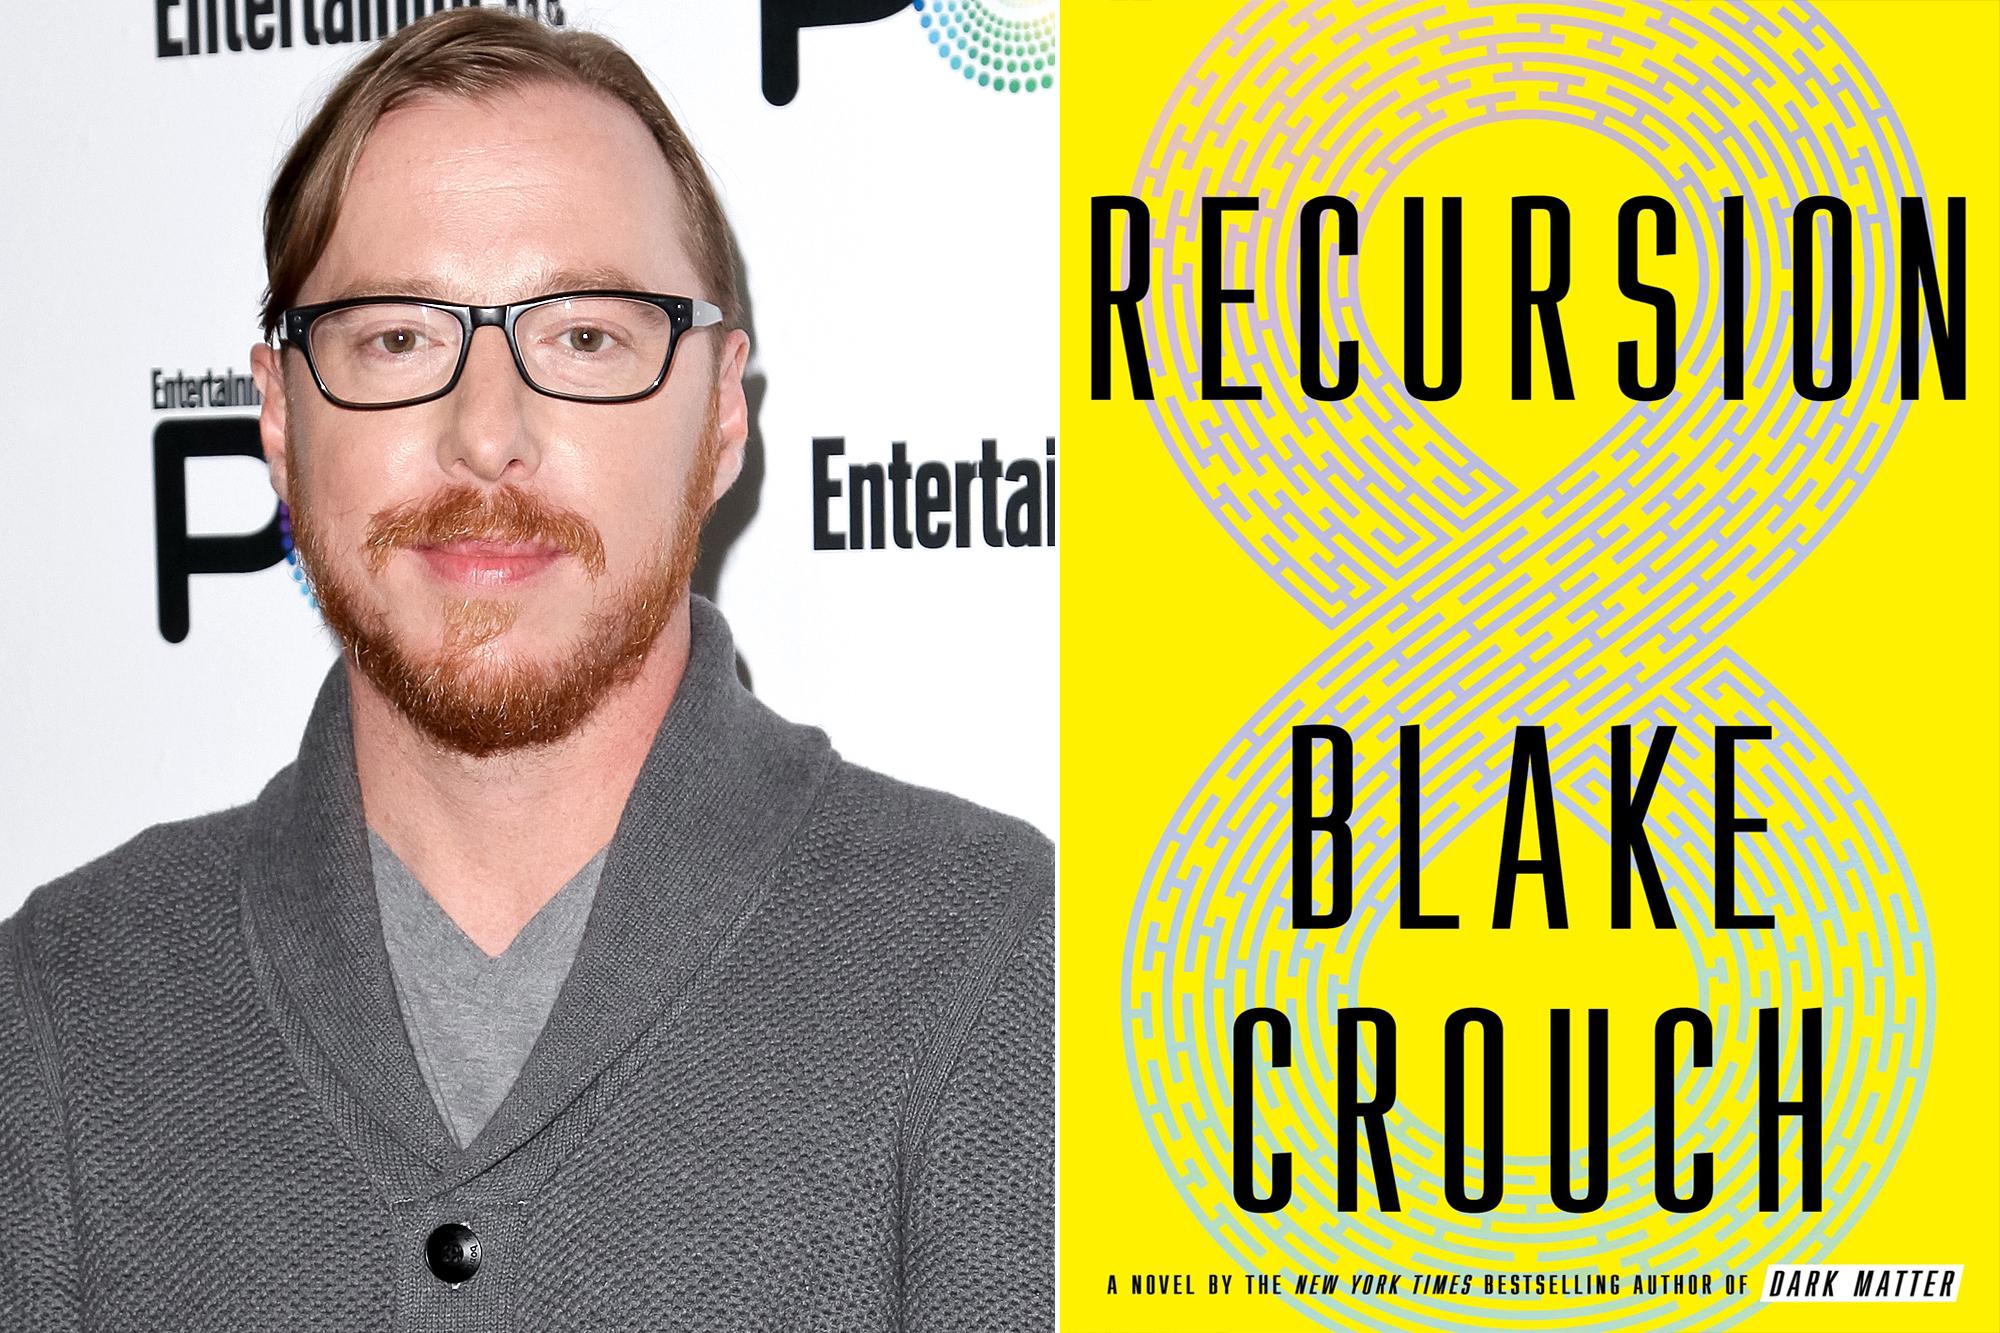 Blake Crouch / Recursion